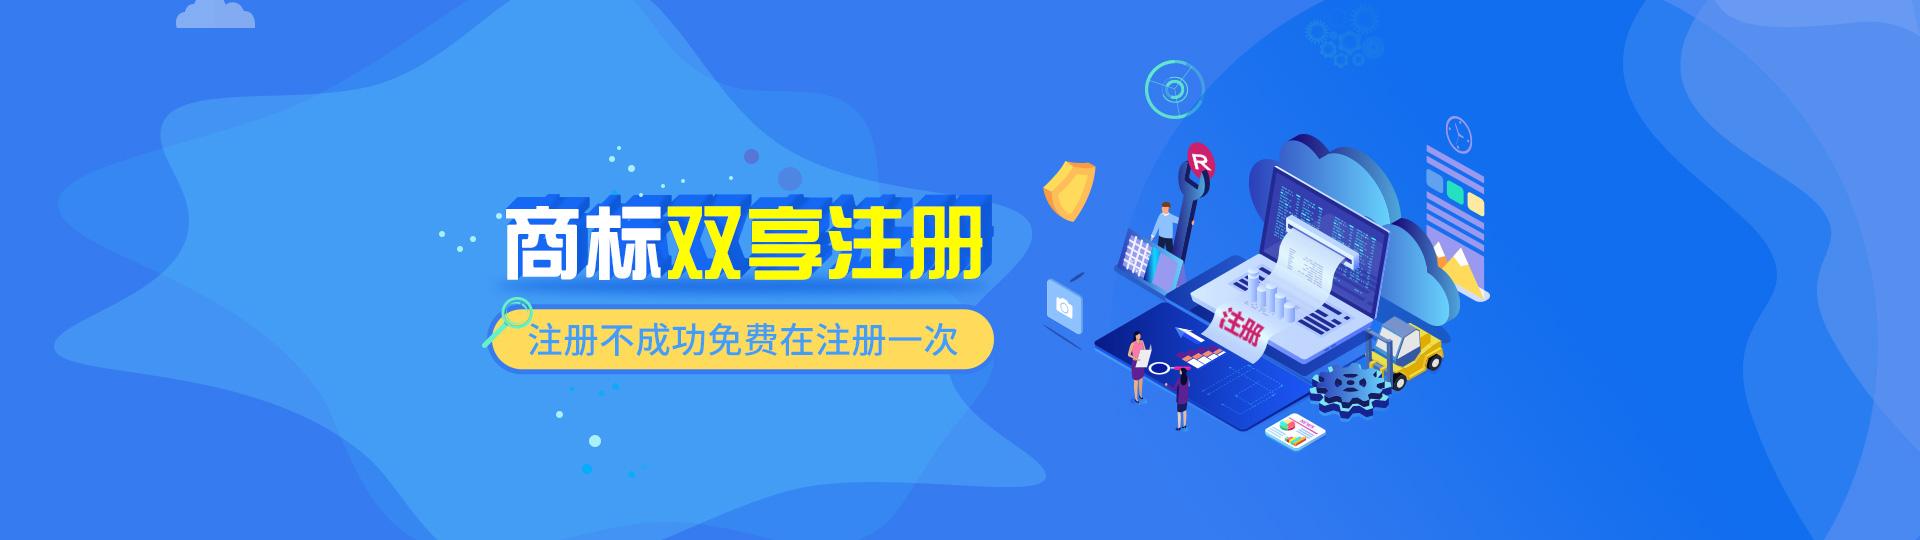 商標注冊_免費平安彩票官方网站_中國商標網_一品標局